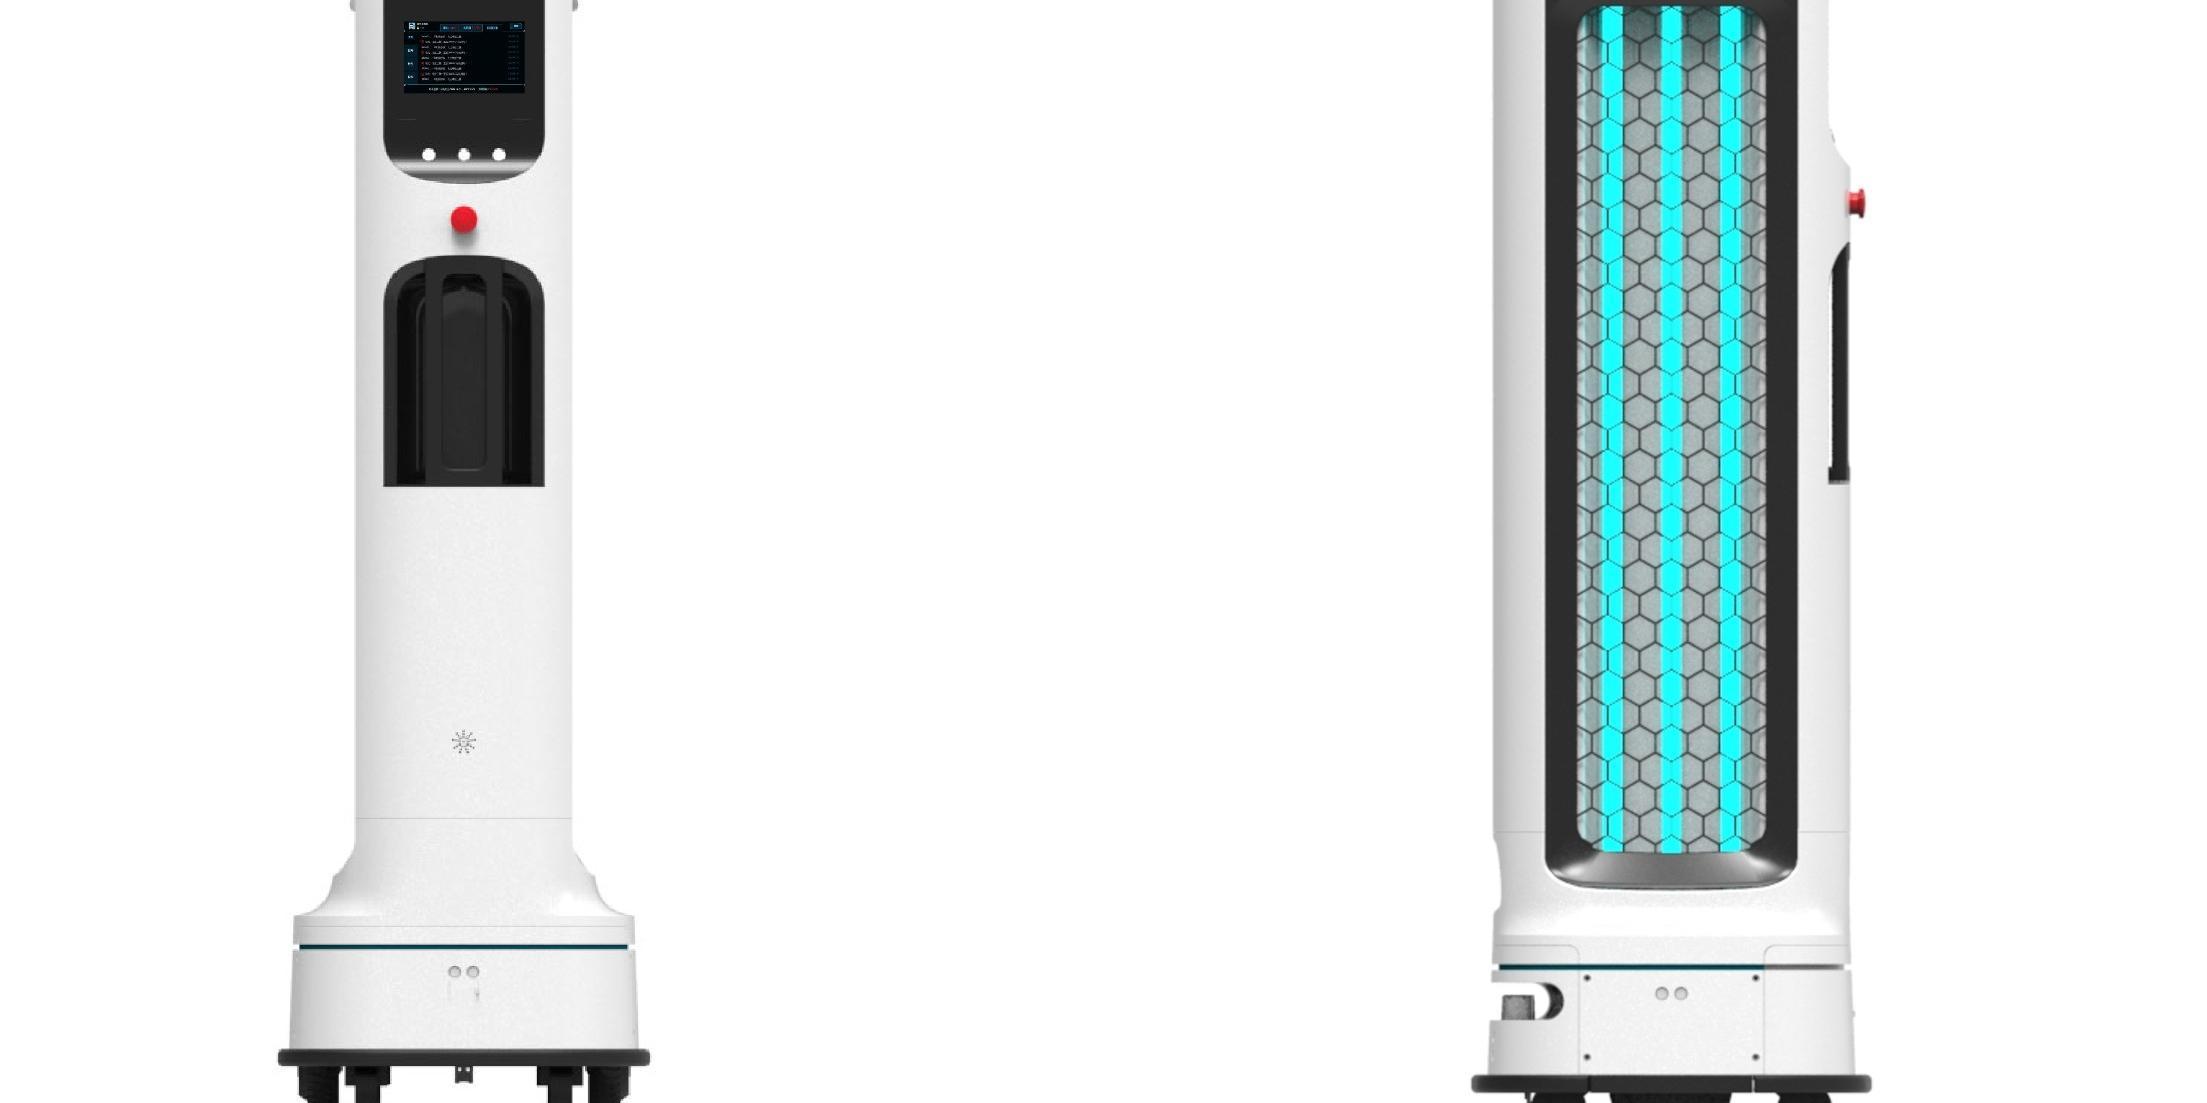 LG전자 살균로봇 사업 본격화, 내년 미국에 자율주행 살균로봇 출시